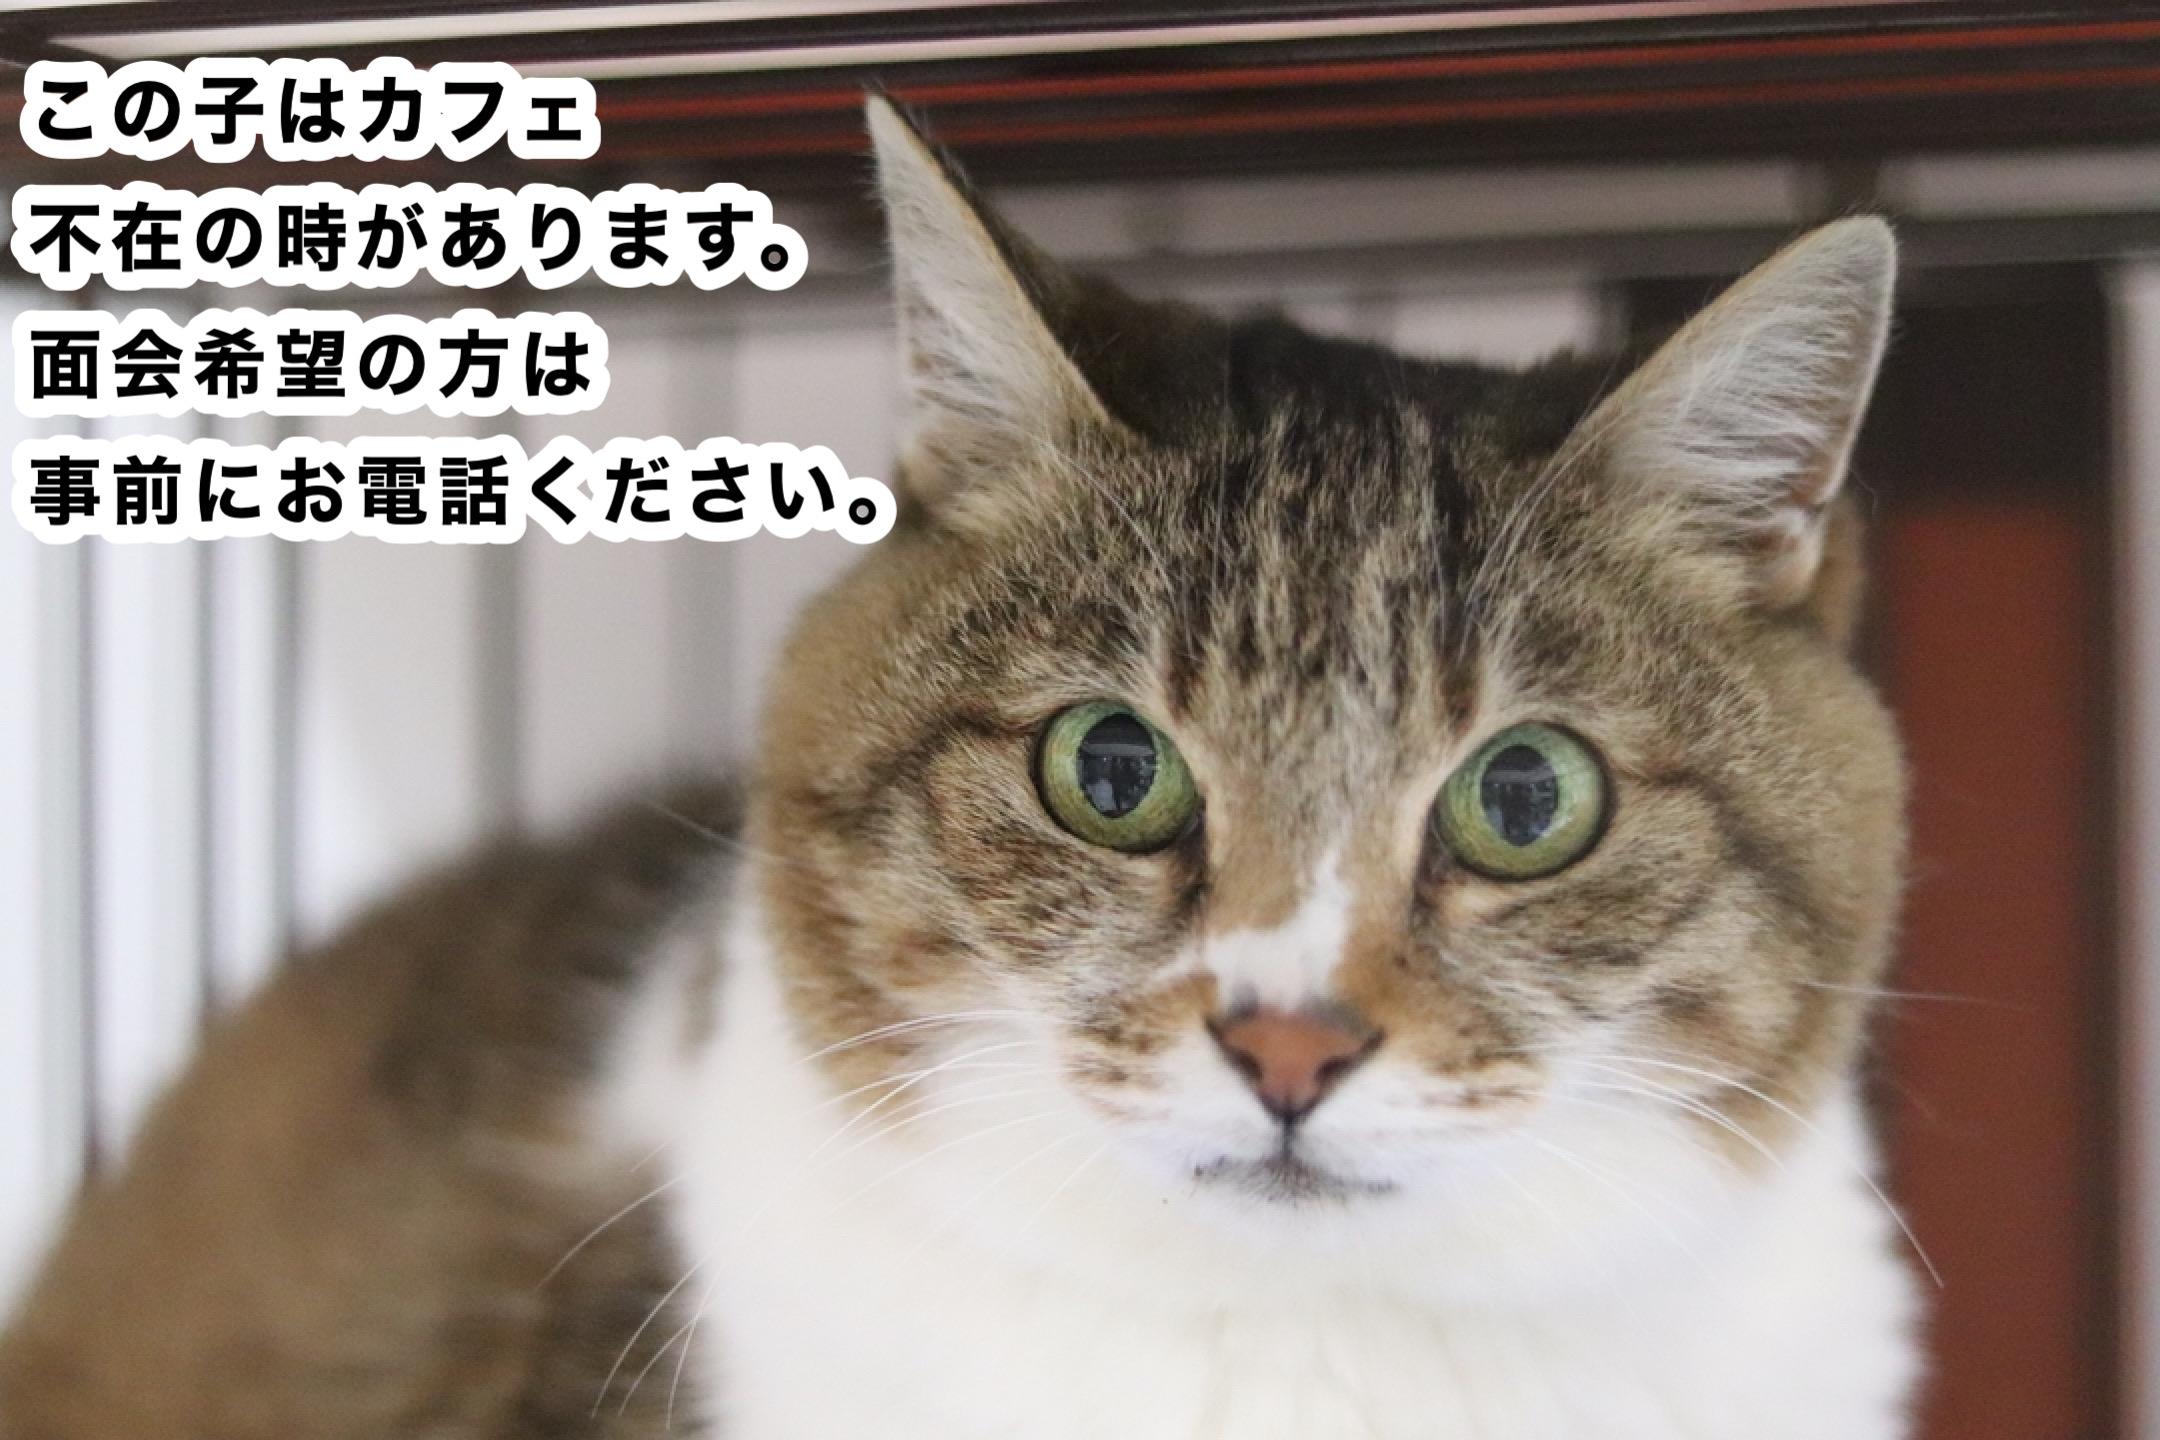 <ul> <li>猫種:日本猫 性別:女の子 名前:ミー 年齢:2015年秋頃生まれ 保護経緯:親族が高齢になり病気療養のため飼育困難</li> </ul>